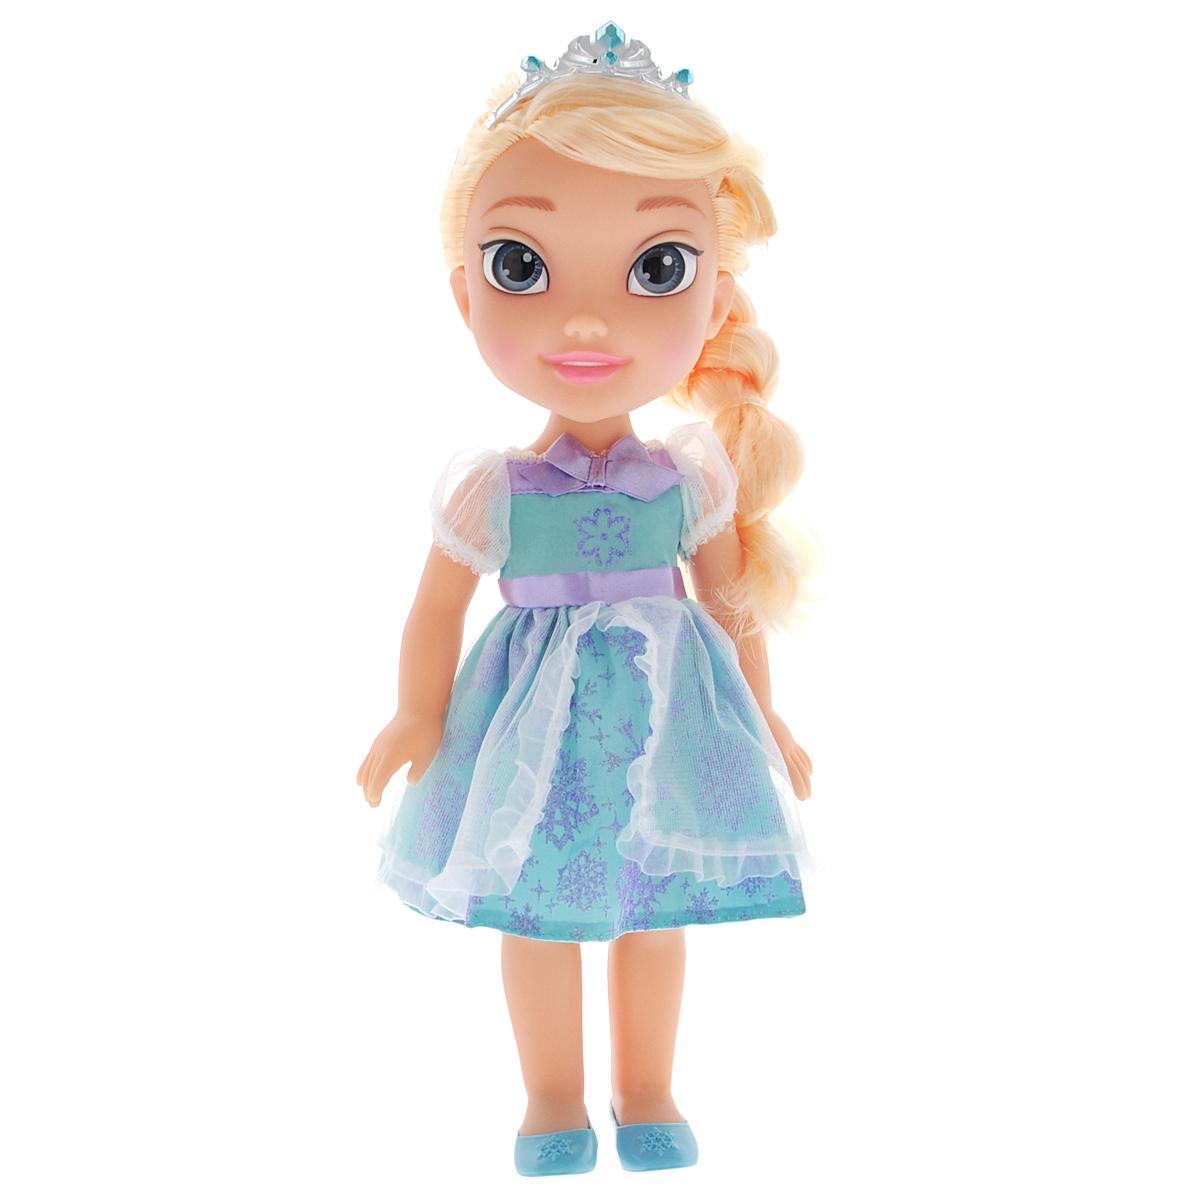 Disney Princess Кукла Холодное сердце Эльза - стилист757220Игровой набор Disney Frozen Easy Styles Elsa Игровой набор Disney Frozen Стилист. Эльза обязательно понравится вашей дочурке. Туловище куклы Эльзы выполнено из высококачественного пластика; голова, ручки и ножки подвижны. Принцесса одета в красивое платье, точь-в-точь как на героине из мультфильма. На ножках - туфельки. Кукла имеет длинные шелковистые волосы, которые можно заплетать в различные прически. На голове - королевская тиара. Главная особенность куклы - большие глаза, которые блестят как настоящие. Глазки изготовлены по запатентованной технологии Royal Reflection. Этот удивительный набор включает в себя все самые необходимые аксессуары: фен, ножницы, расческу, утюжок для выпрямления, ленточки и заколочки для волос. С помощью волшебного фена, который звучит совсем как настоящий, ваша малышка сможет создать множество причесок. С таким большим набором аксессуаров фантазия юного парикмахера будет безграничной! Порадуйте свою дочурку таким замечательным...